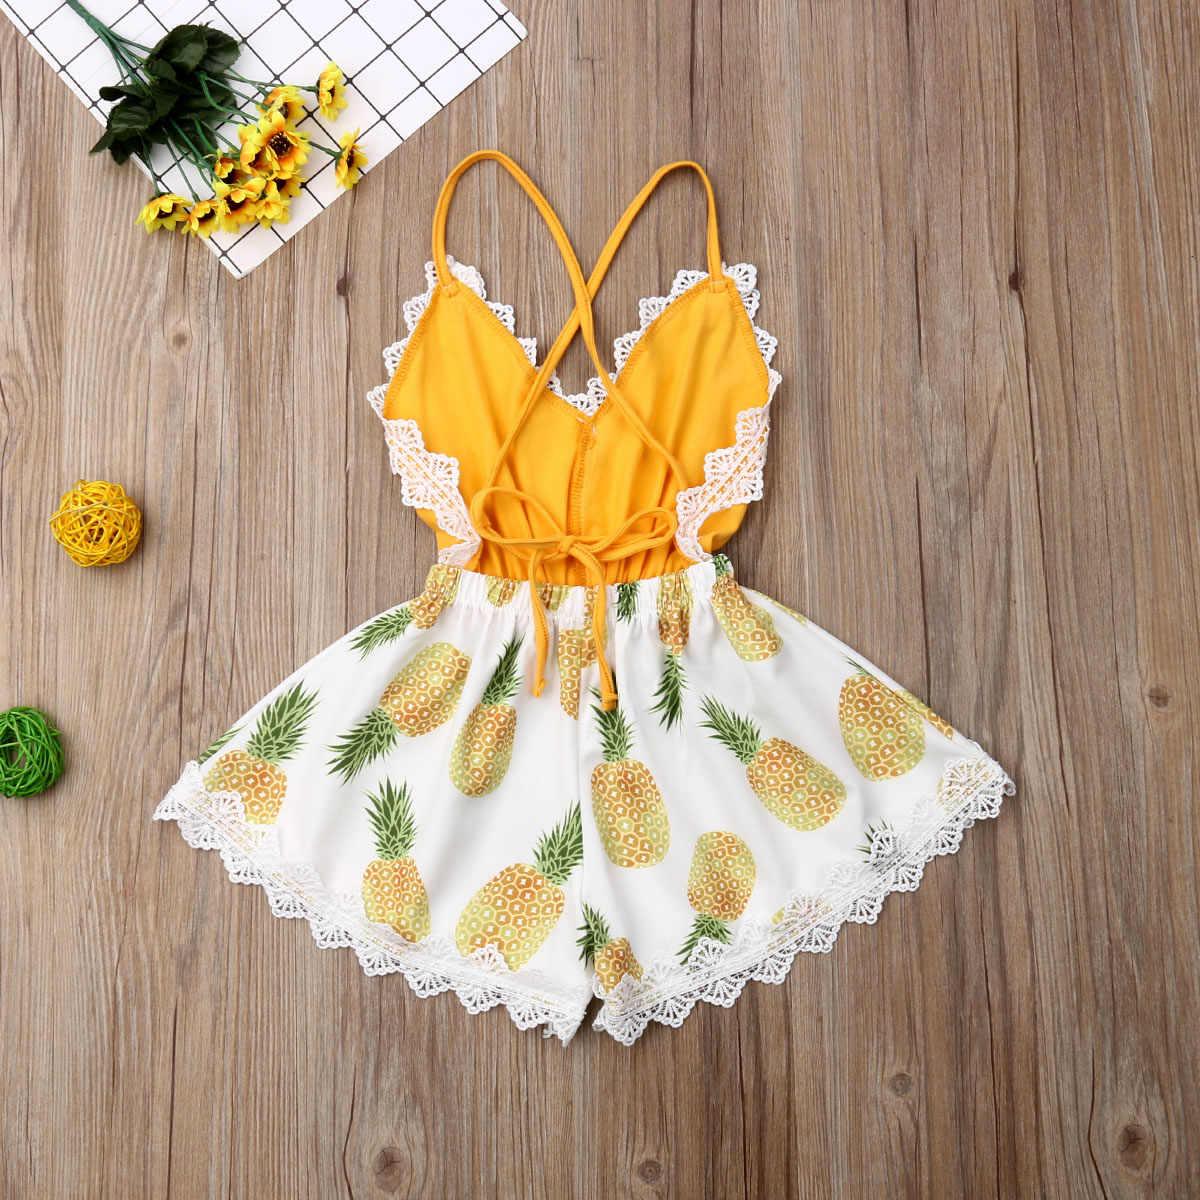 2019 เด็กฤดูร้อนเสื้อผ้าเด็กแรกเกิดลูกไม้ Romper แขนกุดคอ V คอชุดพิมพ์ลายดอกไม้ One - Piece Sunsuit เสื้อผ้า